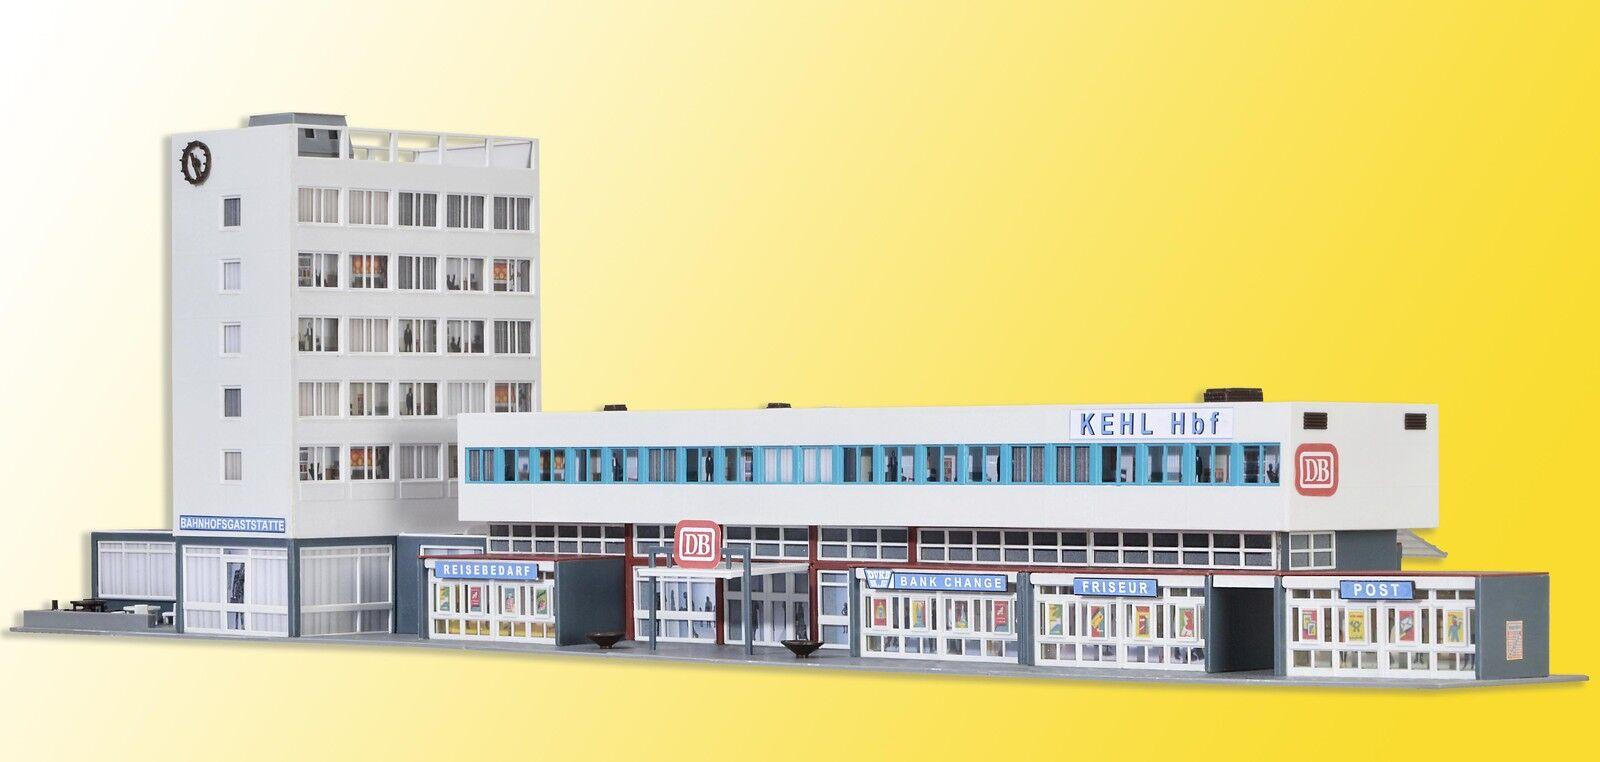 Kibri 39514 Gauge H0 Railway Station Kehl Incl. Floor Lights